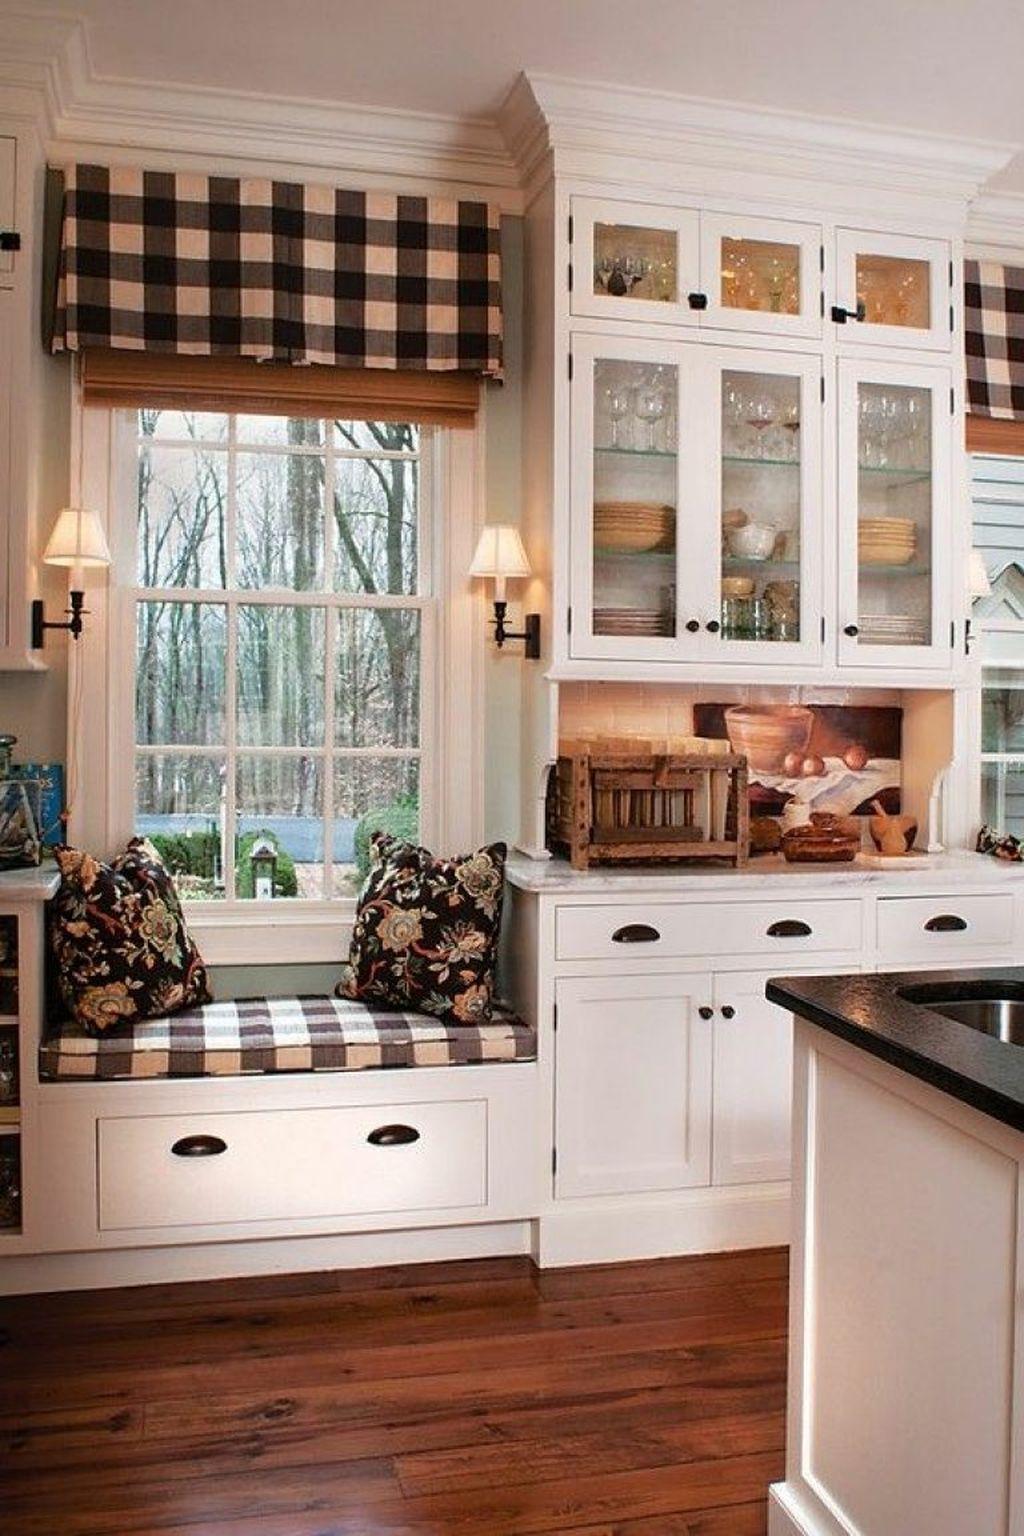 88 cozy and chic farmhouse kitchen decor ideas farmhouse kitchen